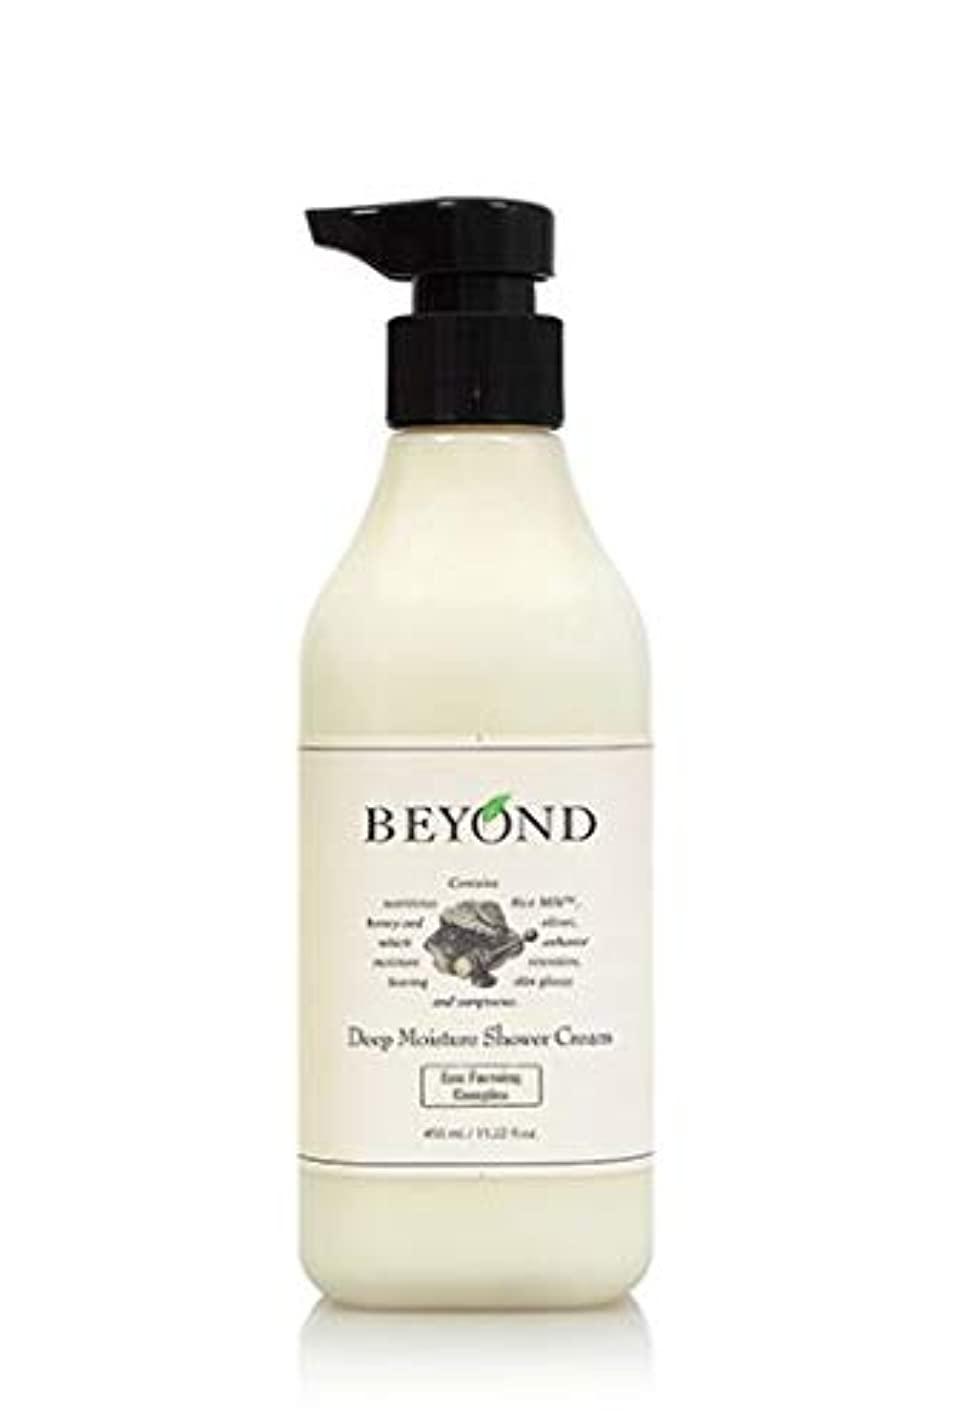 花弁柔らかさ活性化する[ビヨンド] BEYOND [ディープモイスチャー シャワークリーム 450ml] Deep Moisture Shower Cream 450ml [海外直送品]